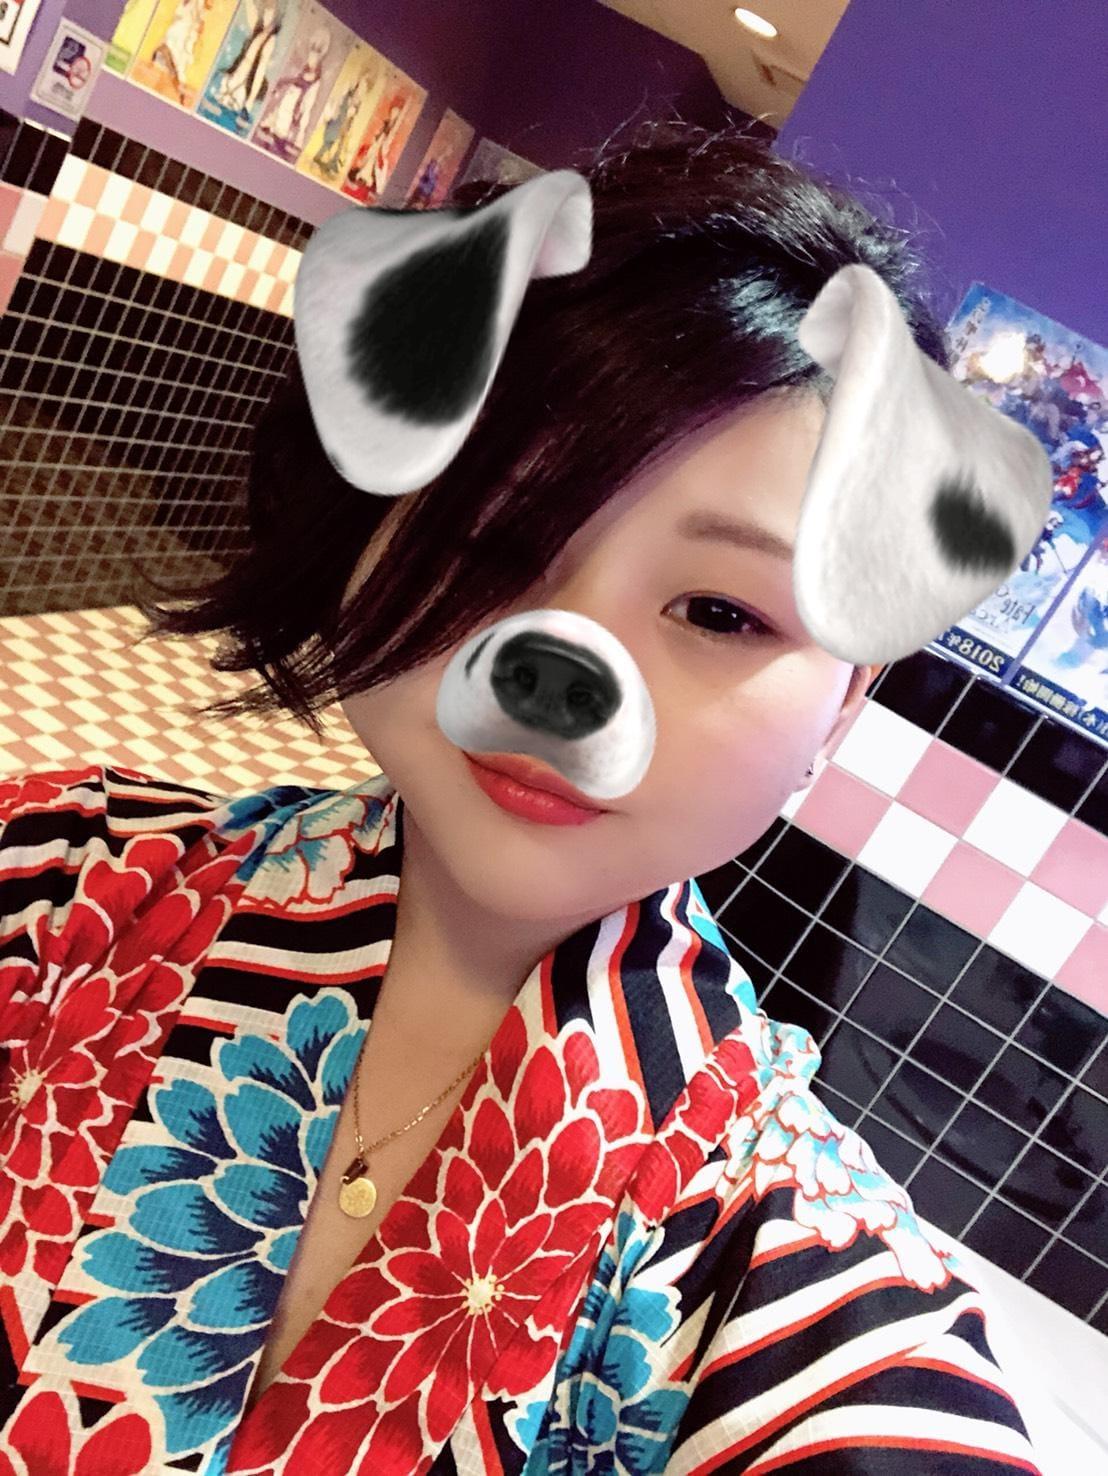 「こんばんわ」08/11(08/11) 22:15 | ☆鬼塚やよい☆の写メ・風俗動画